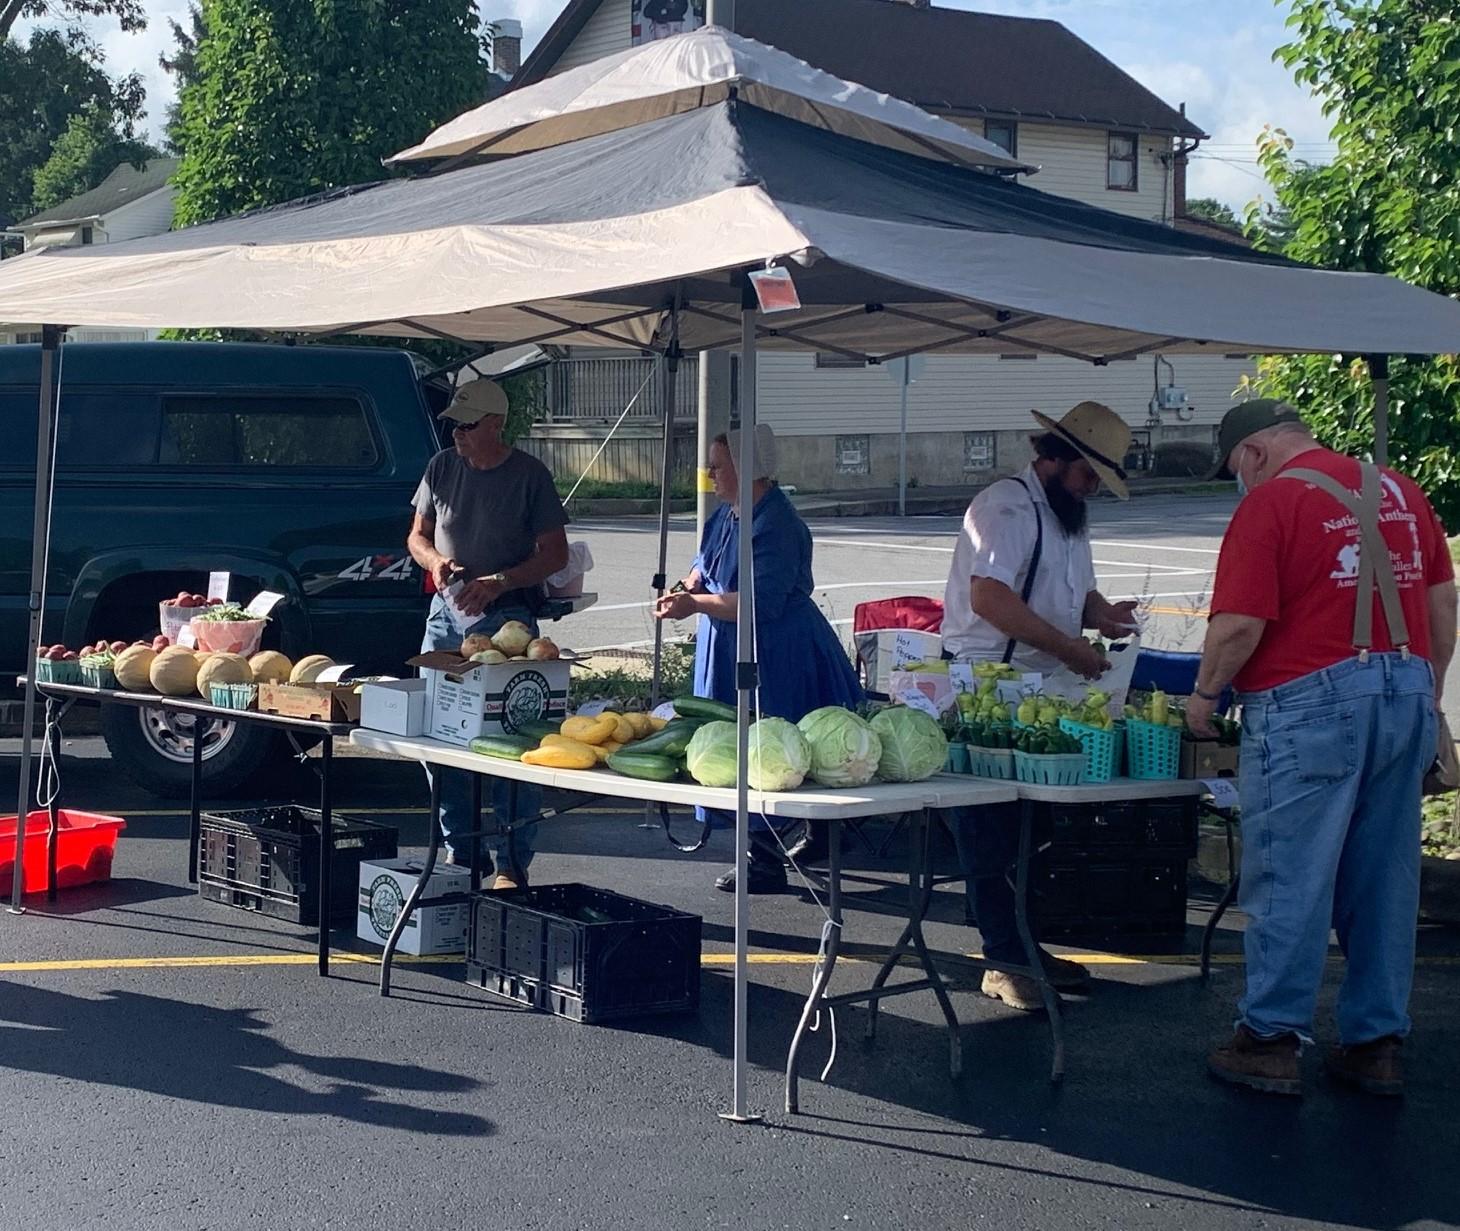 Brockway's Farmers Market